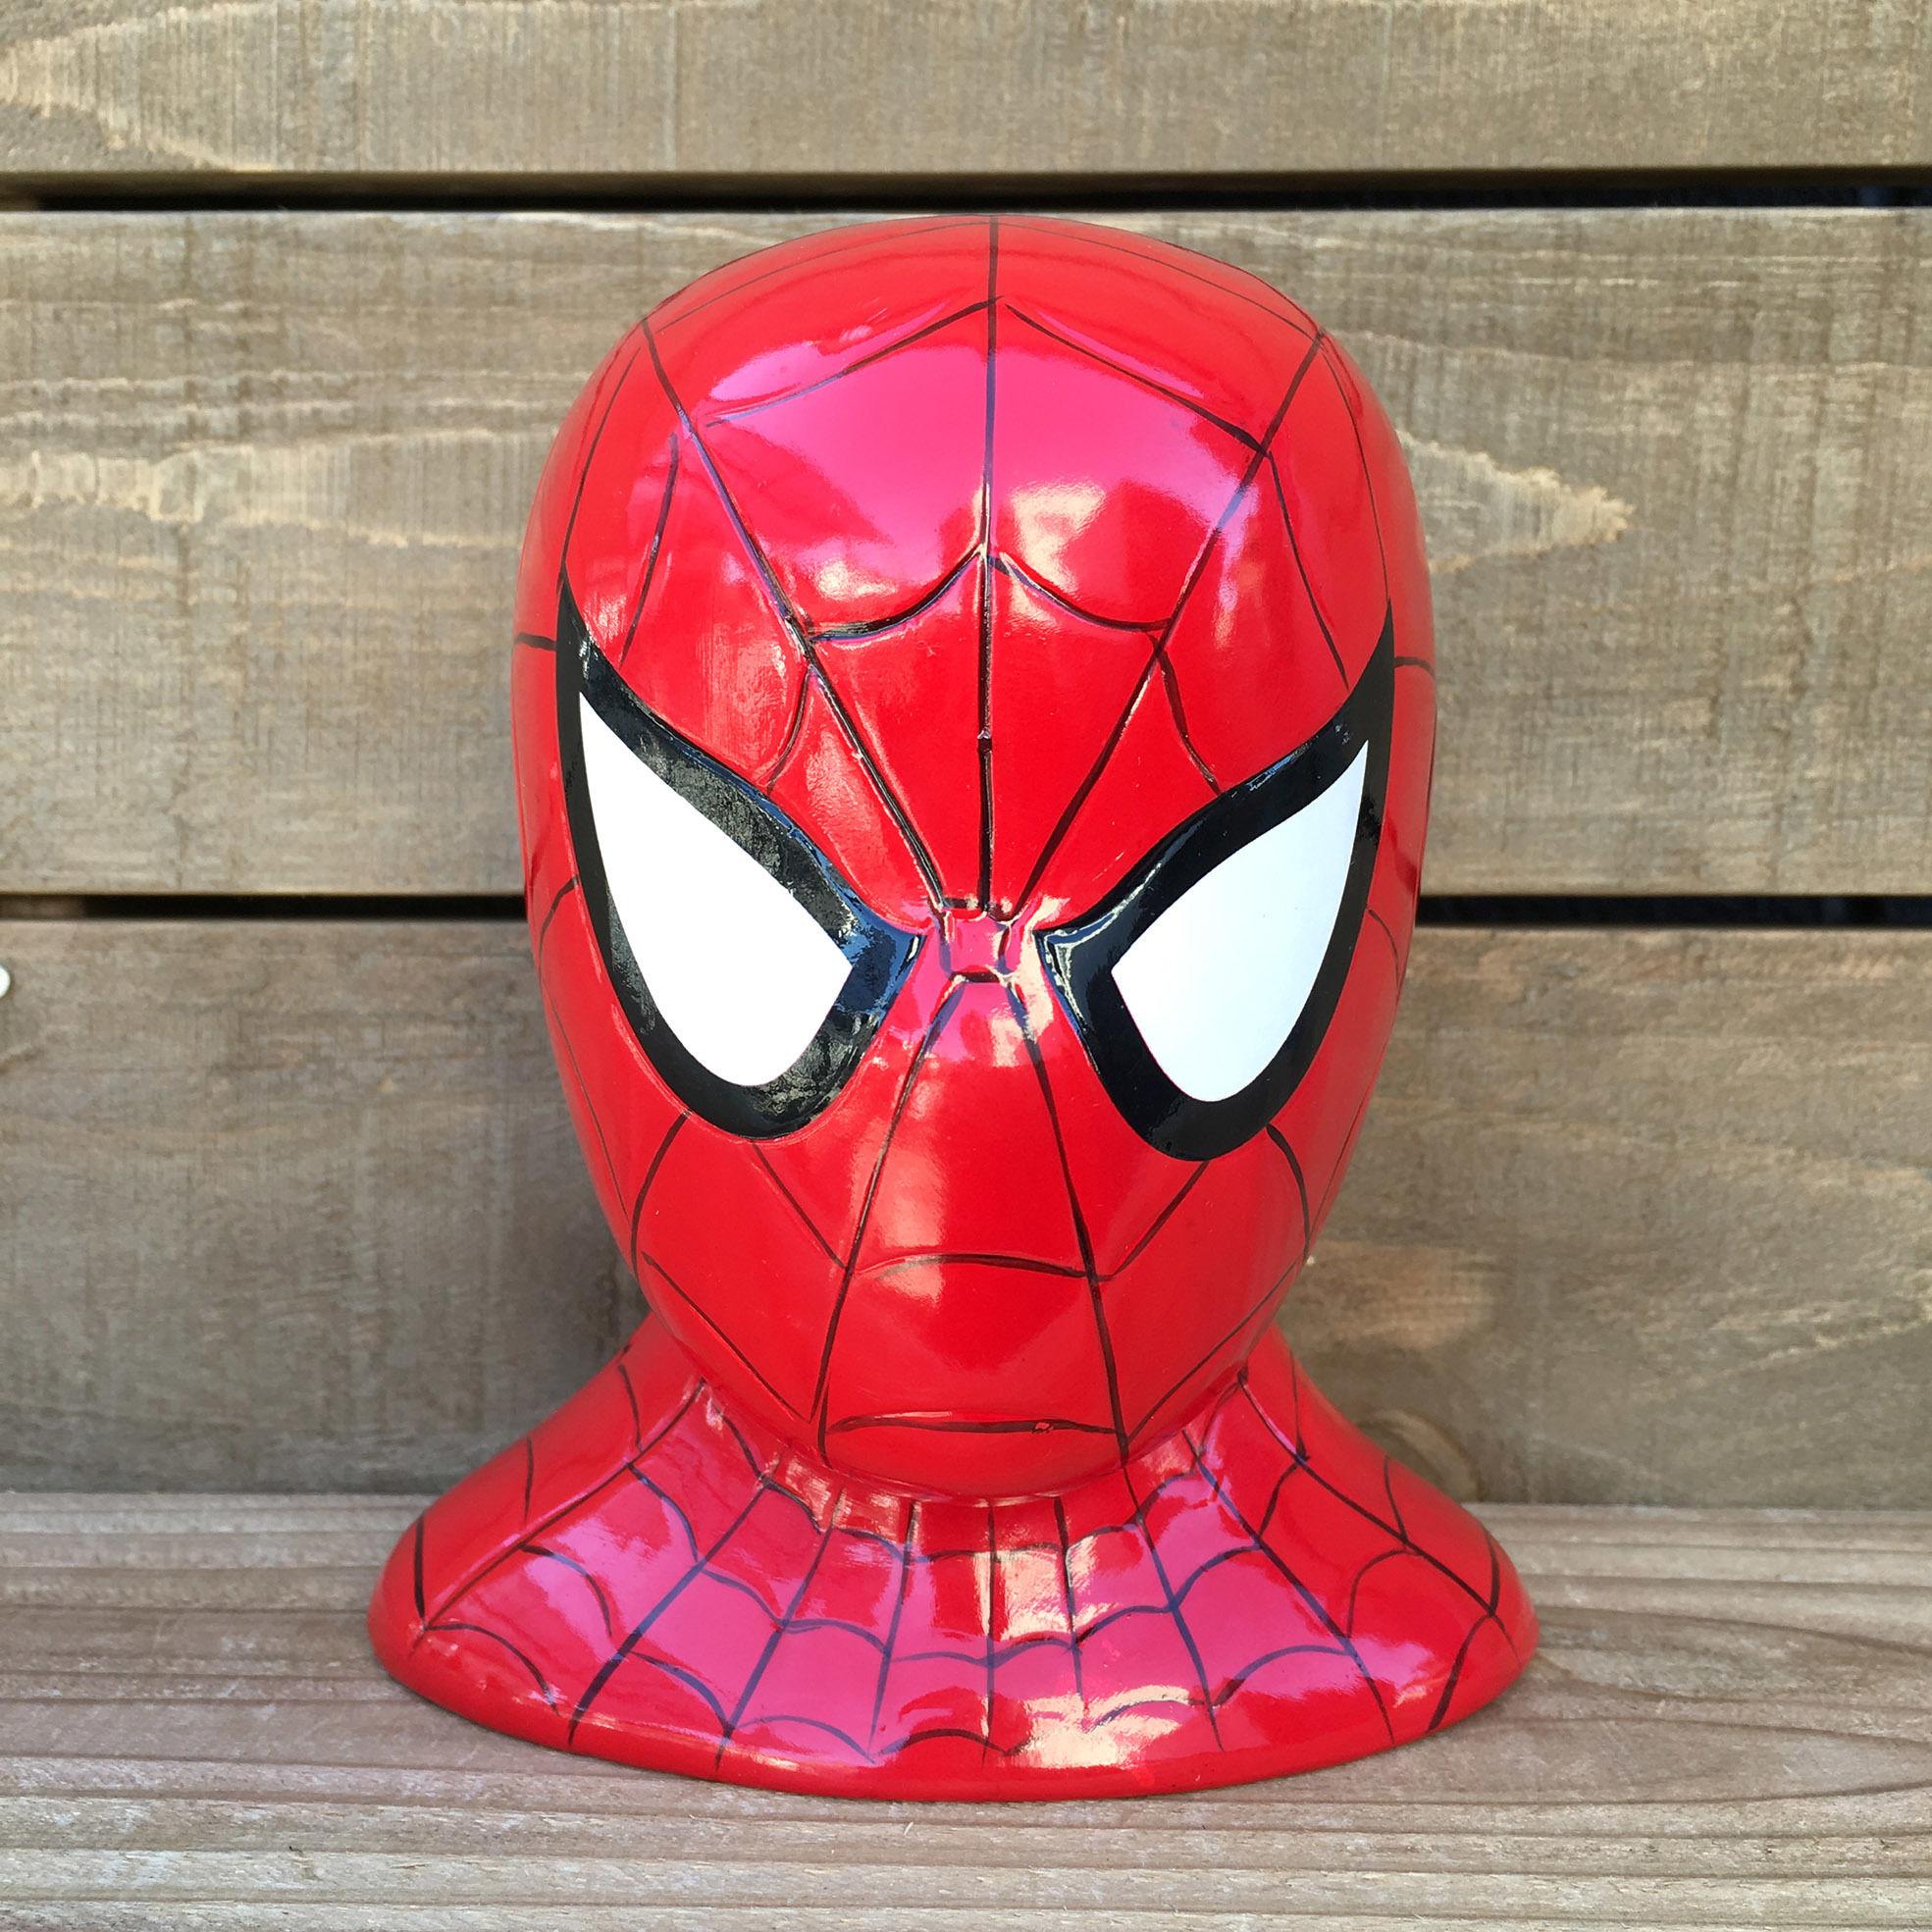 SPIDER-MAN Spider-man Head Bank/スパイダーマン スパイダーマン ヘッドバンク/170126-2